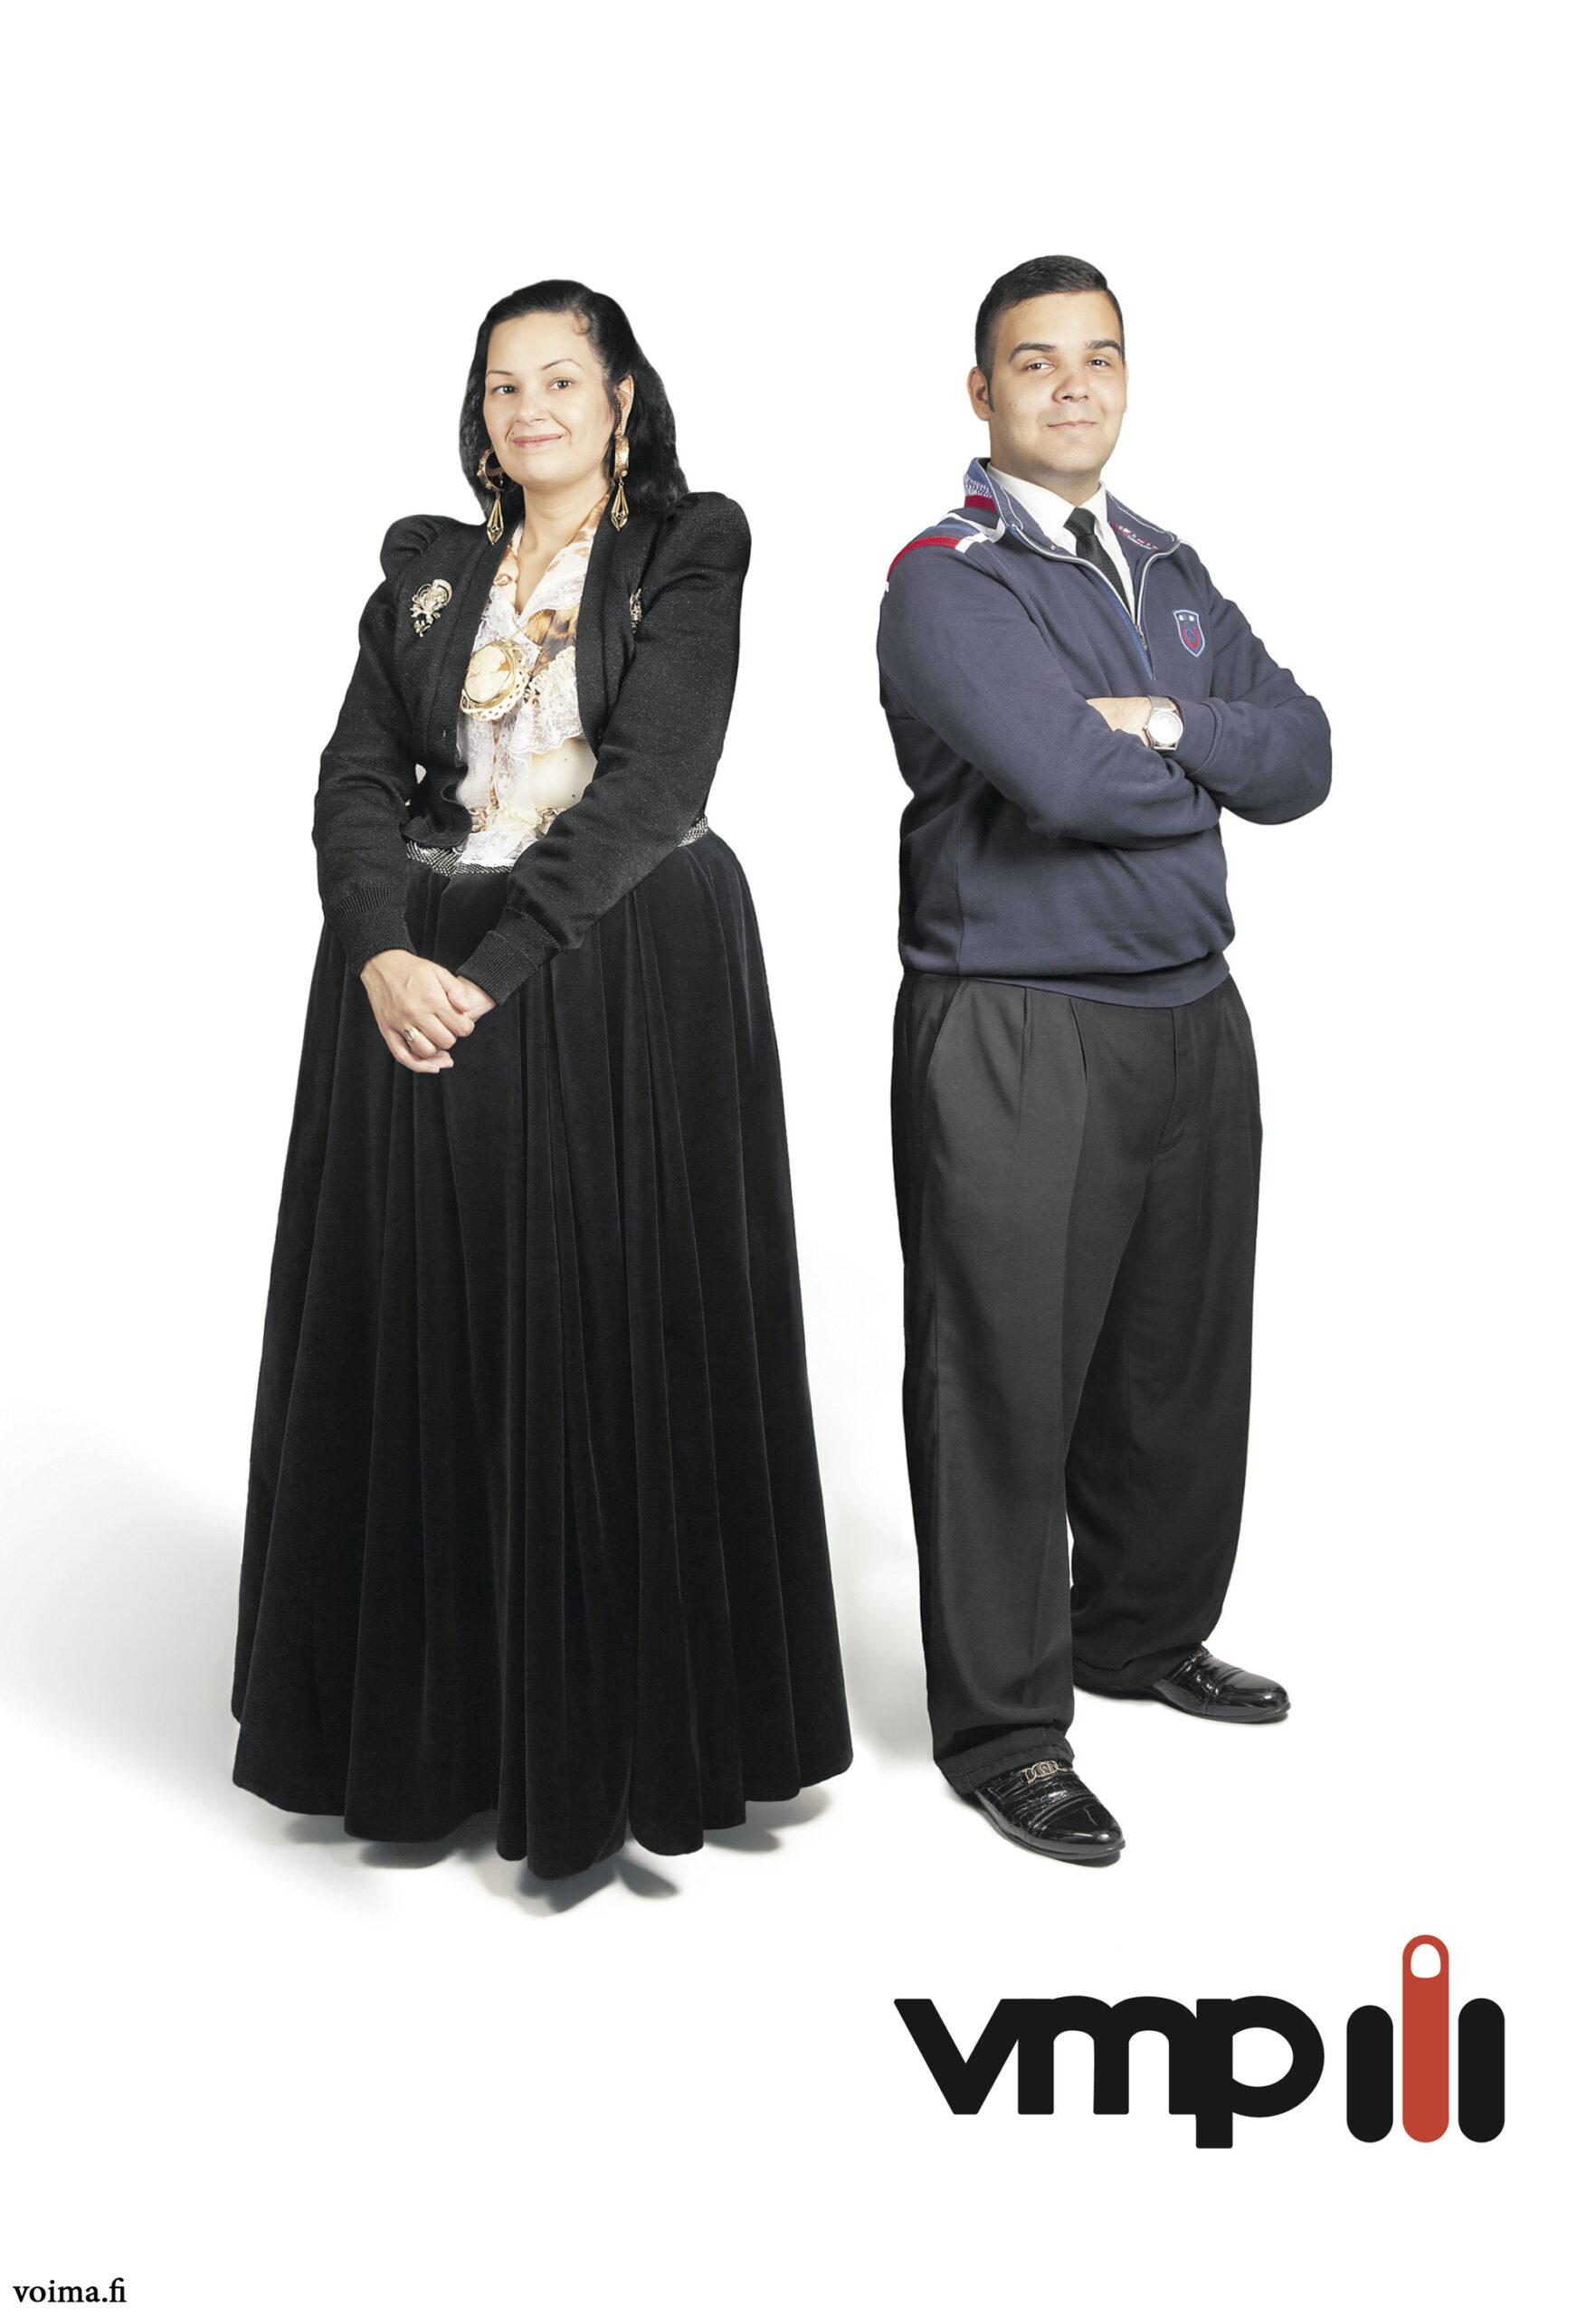 Vuonna 2007 taiteilija Irmeli Huhtala teki Koti etsii ihmistä -valokuvasarjan. Sarjan teokset muistuttivat logoja myöten tuiki tavallisia mainoksia sillä erotuksella, että kaikki mallit olivat romaneja. Teoksissa viitattiin niin maito- kuin automainoksiinkin, esiteltiin parfyymiä ja asunnonvälityspalvelua. Huhtalan radikaali havainto oli se, että vaikka mainoksissa poseerasi malleja monenlaisista taustoista, yksi ihmisryhmä loisti poissaolollaan. Suomalaisissa mainoksissa ei romaneja näkynyt, eikä näy. Ohessa on Häiriköt-päämajan tulkinta teemasta. Ongelma ei koske yksittäisiä yrityksiä. Ongelma on rakenteellinen.